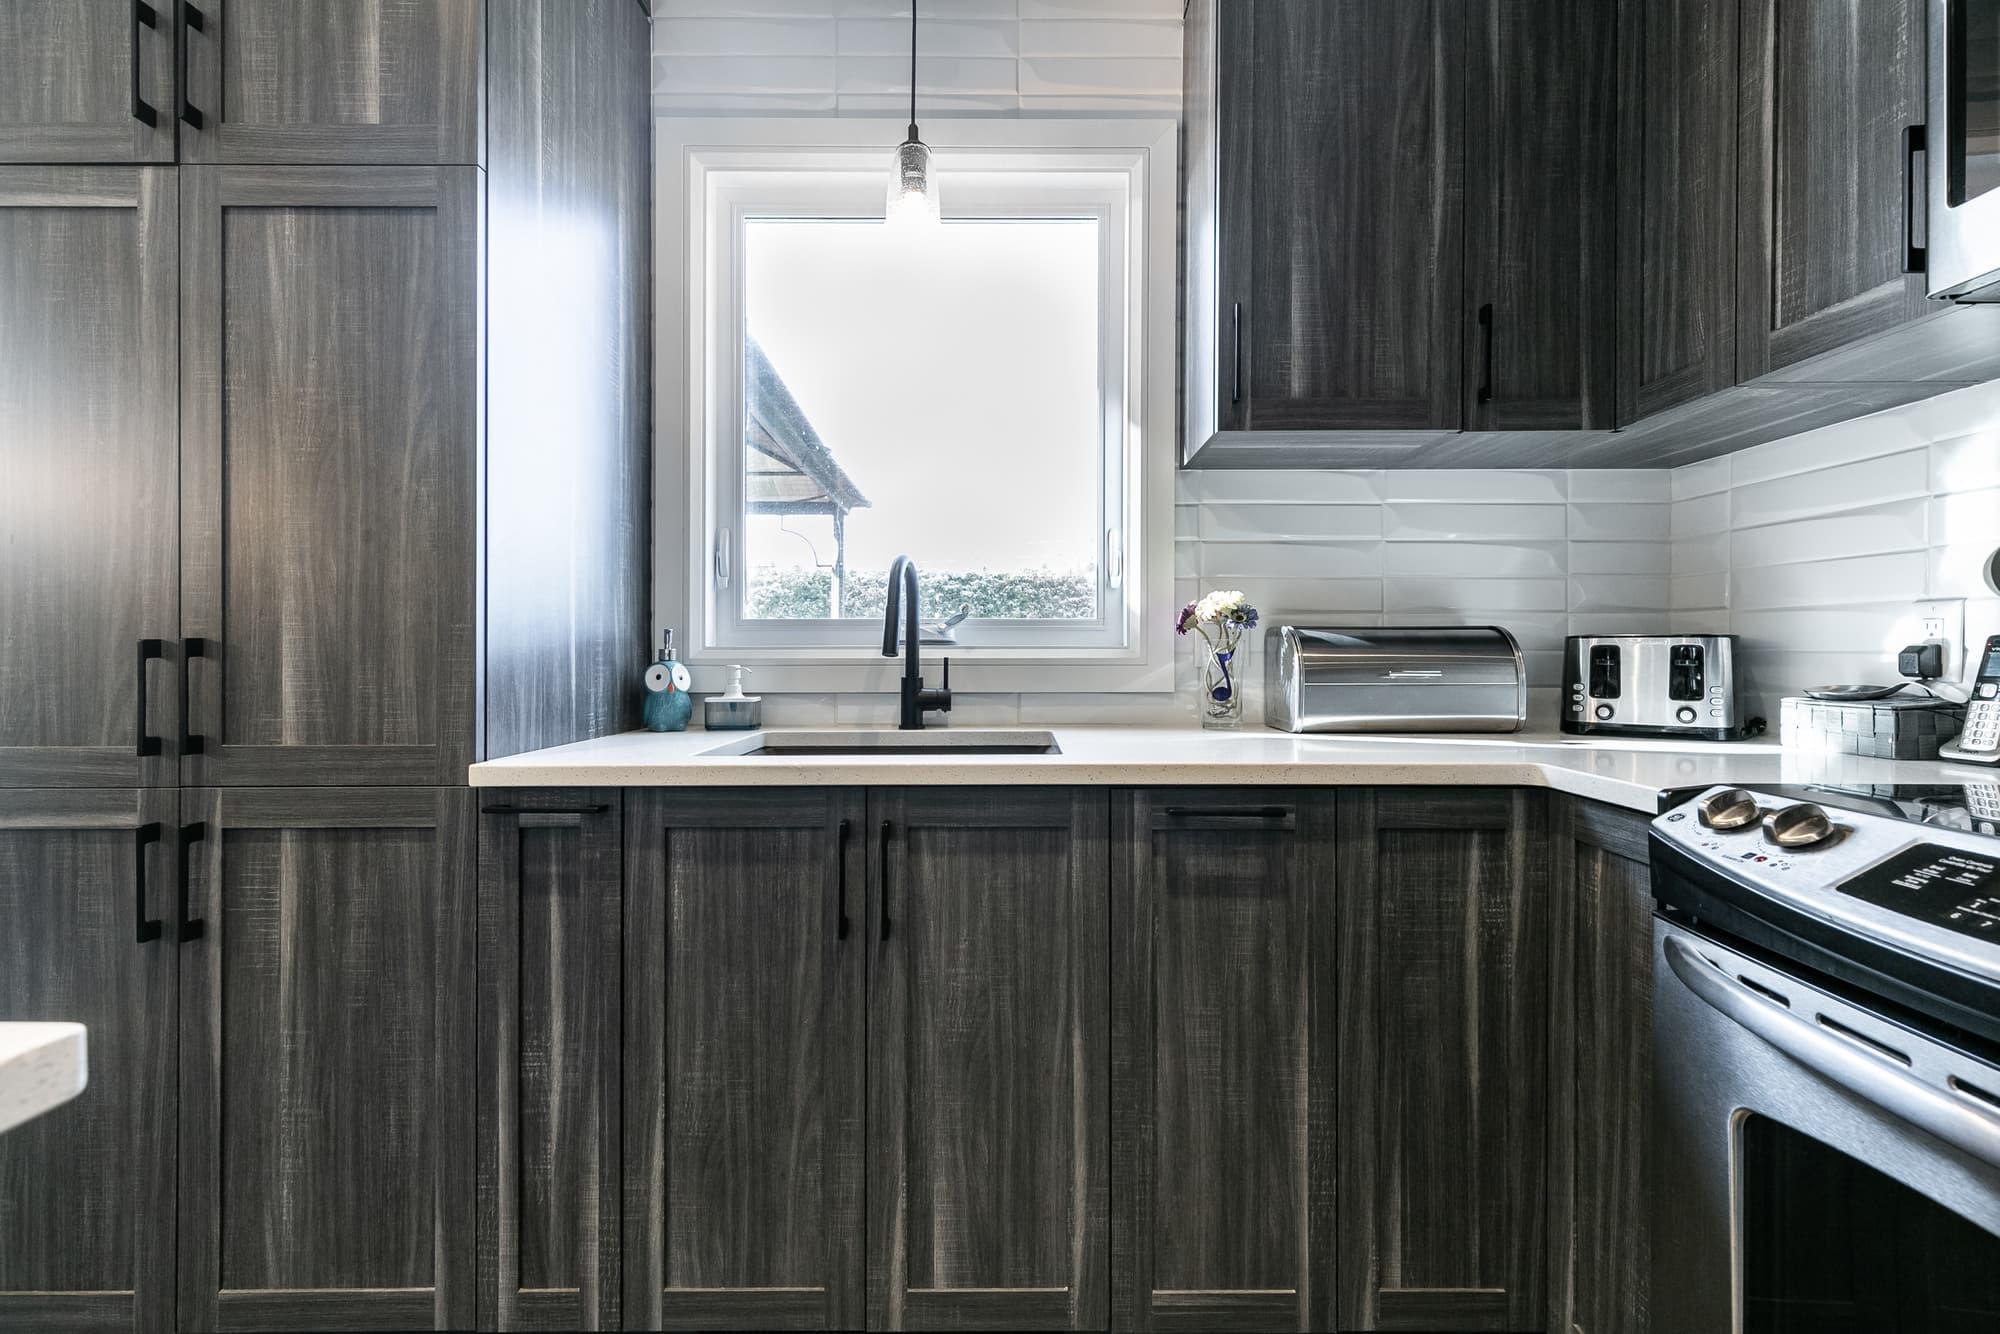 armoires de cuisine contemporaine gris foncé